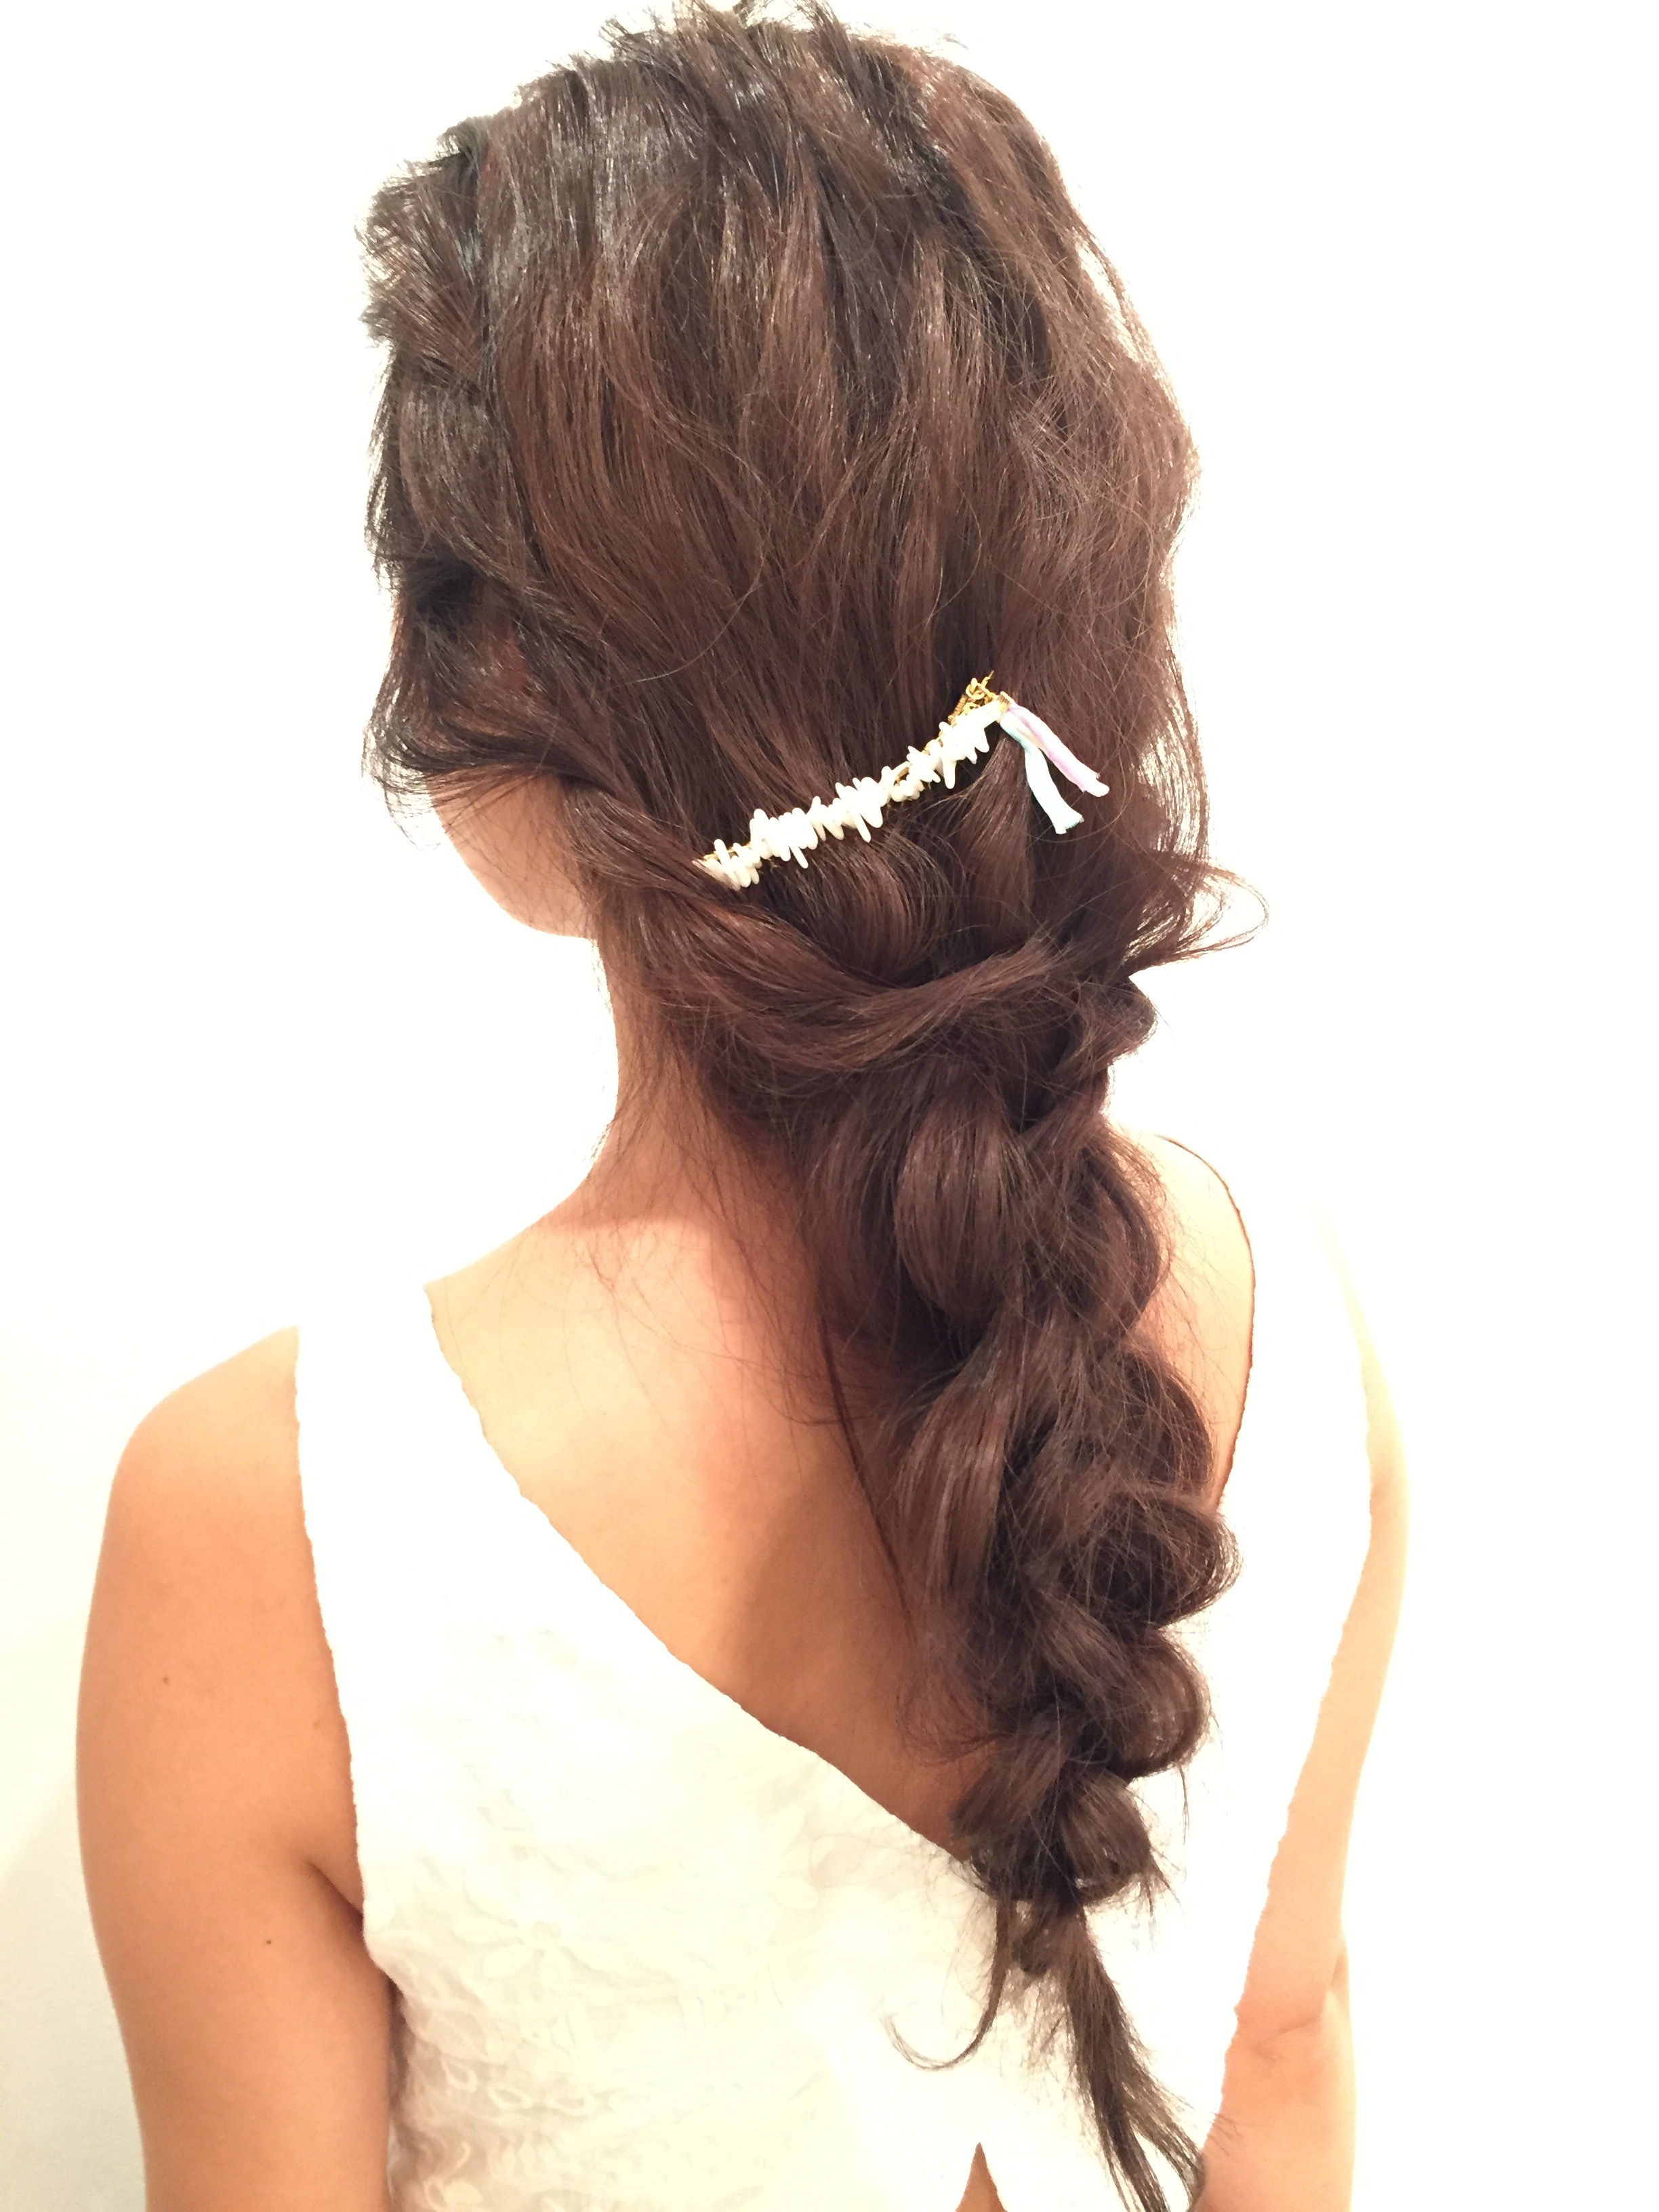 Lomaliaオリジナルヘアアクセを使用したアレンジスタイル